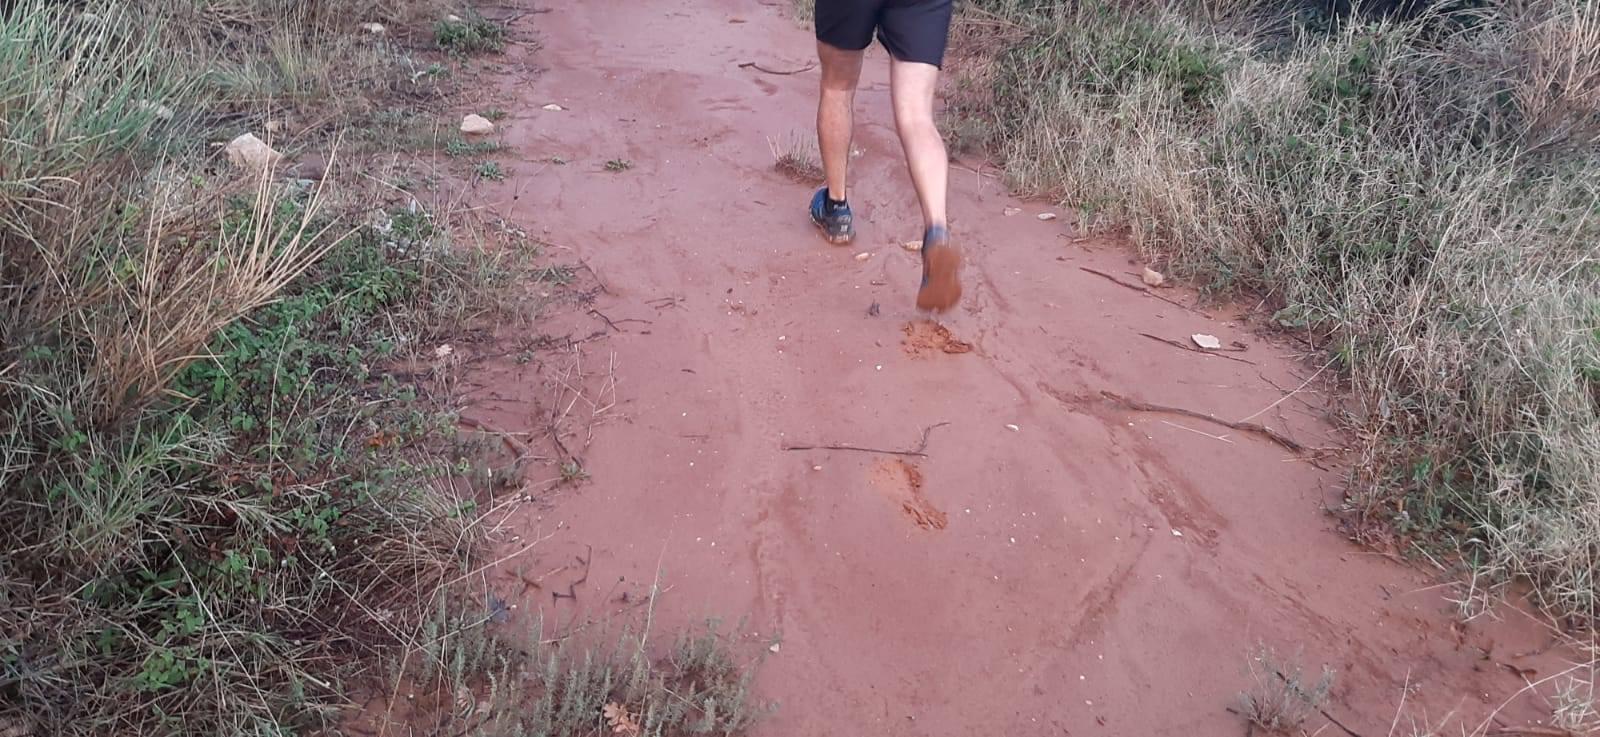 74. trening – Bura i blato..